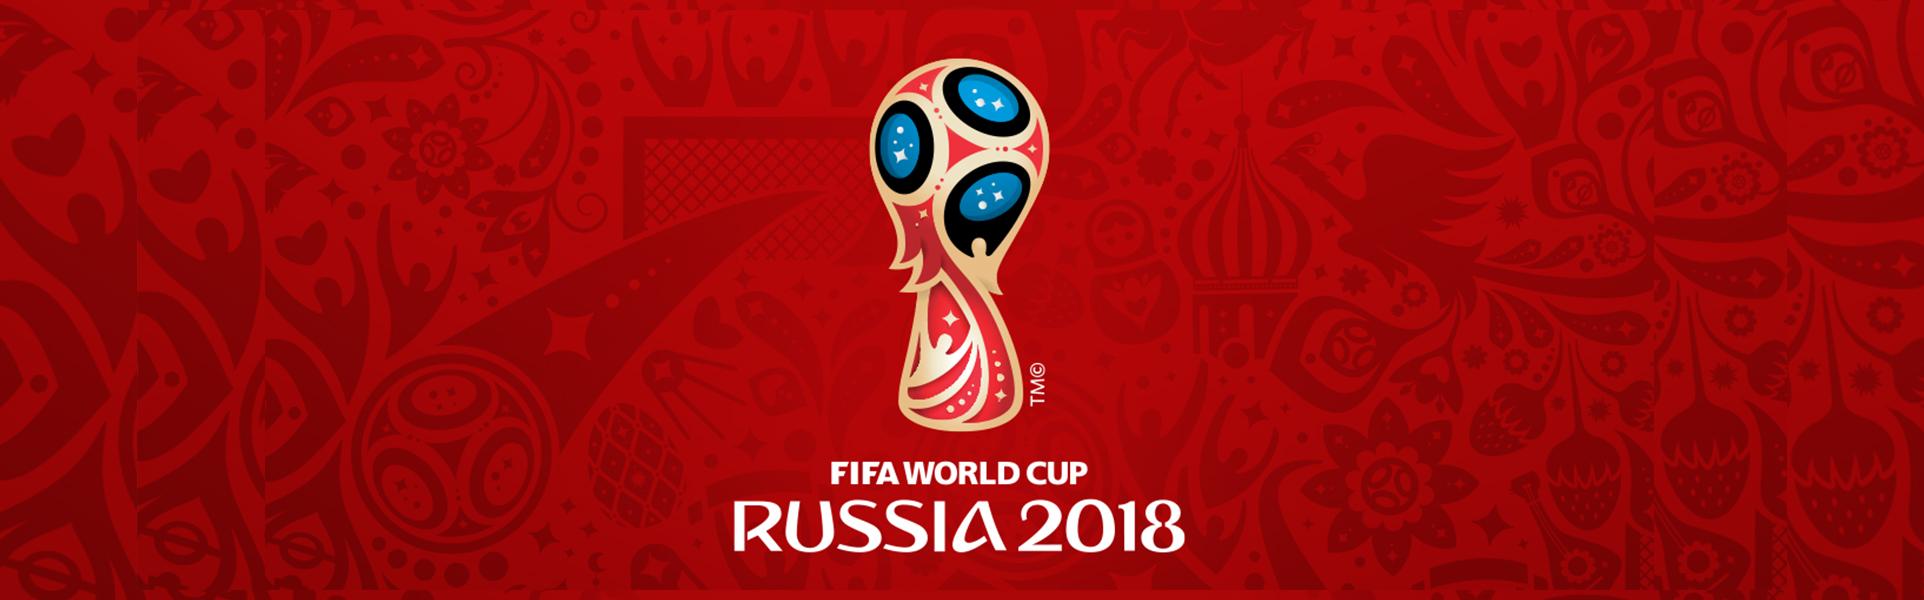 Совсем скоро начнётся чемпионат мира по футболу!